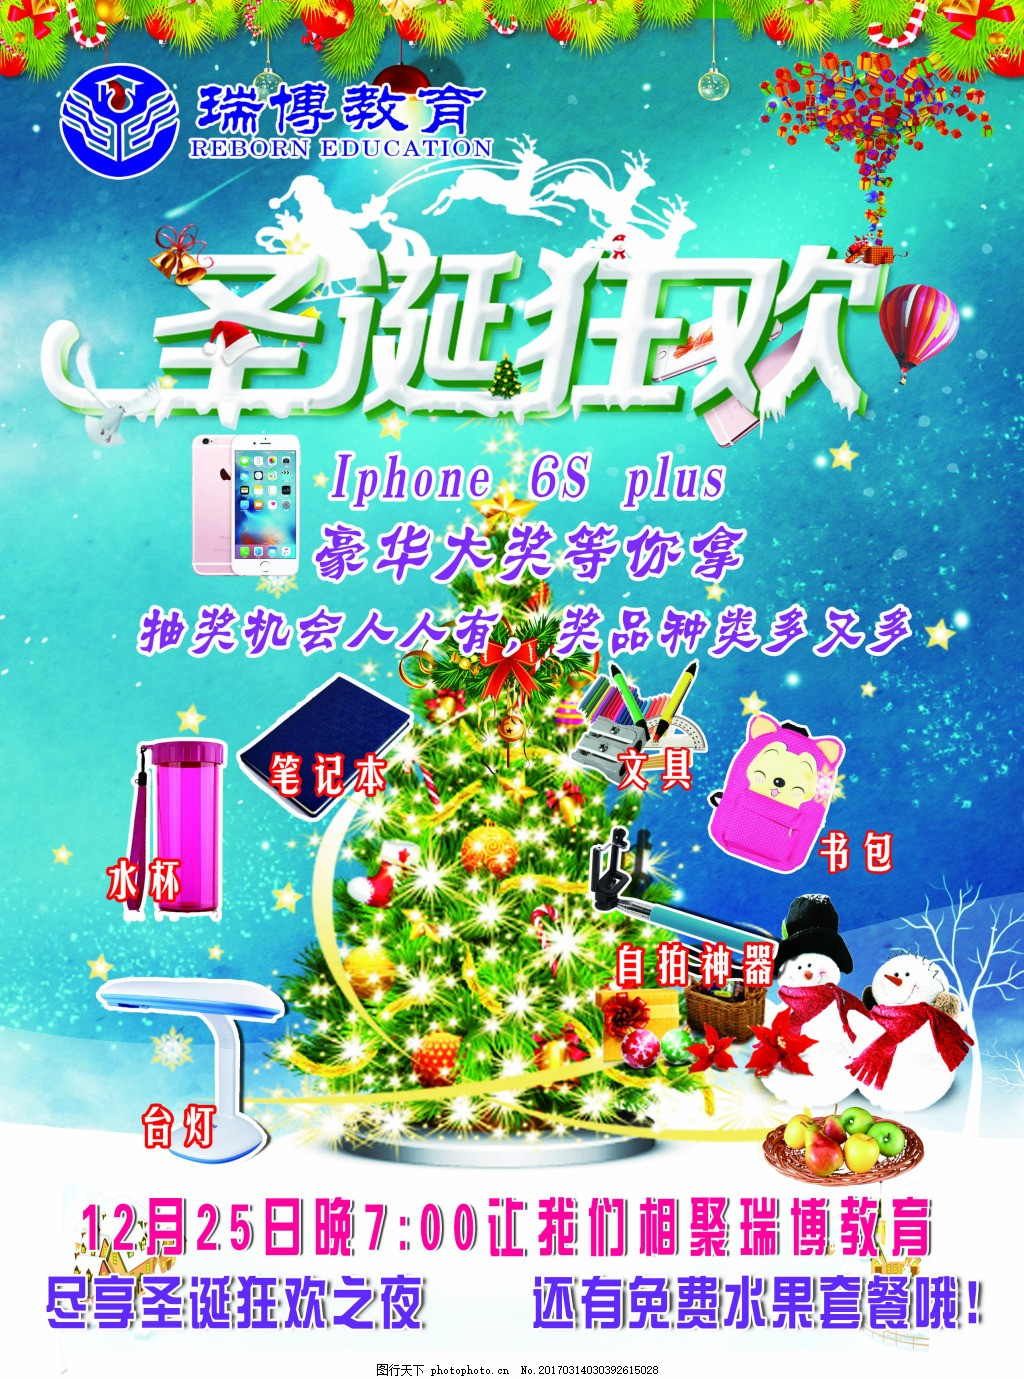 瑞博教育 圣诞节 狂欢 单页